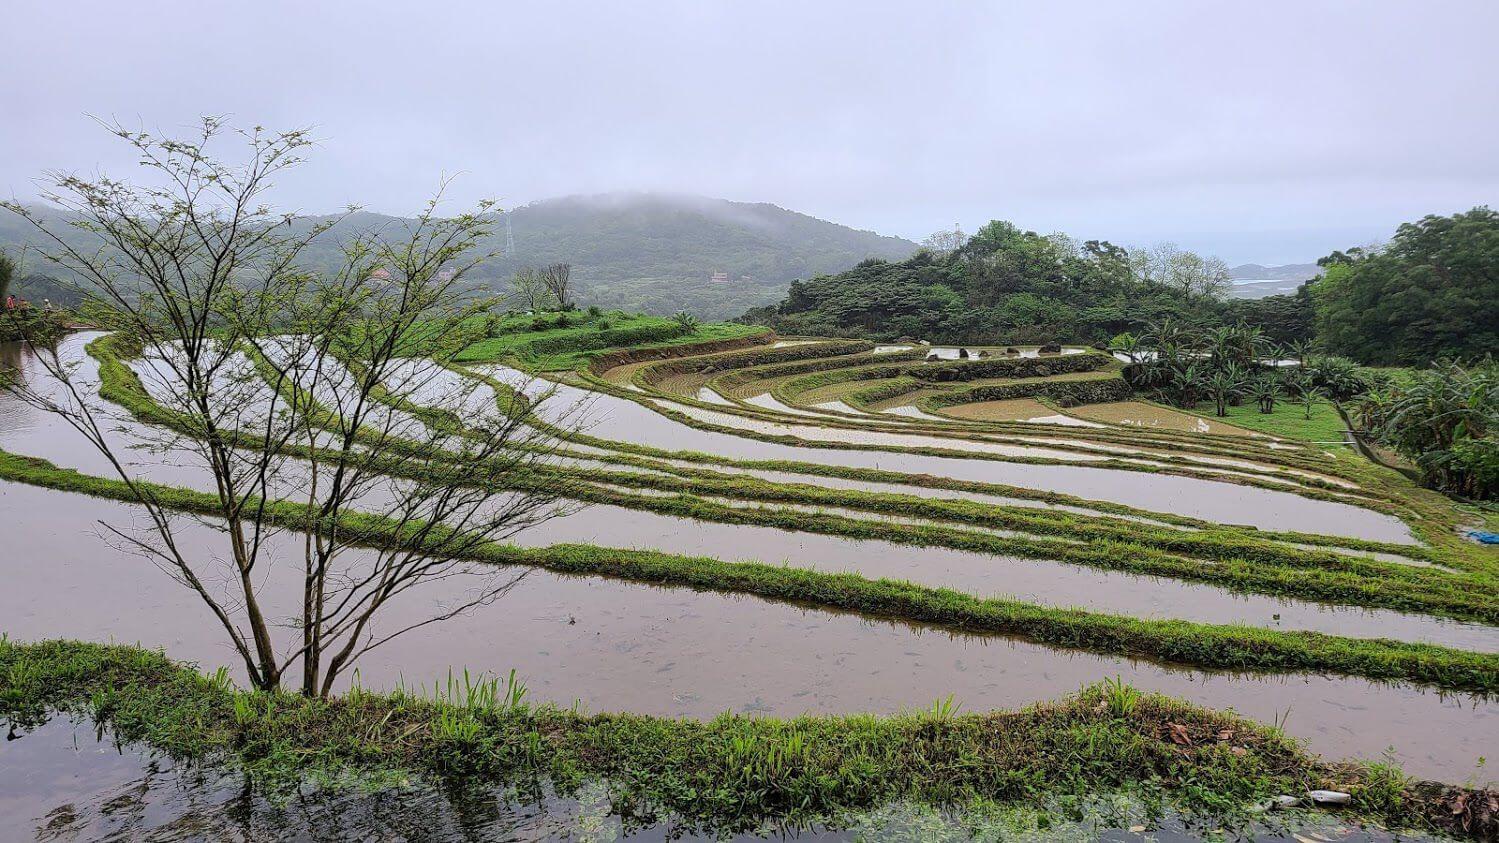 支持在地小農與生態保育的「社區土地信託」(...